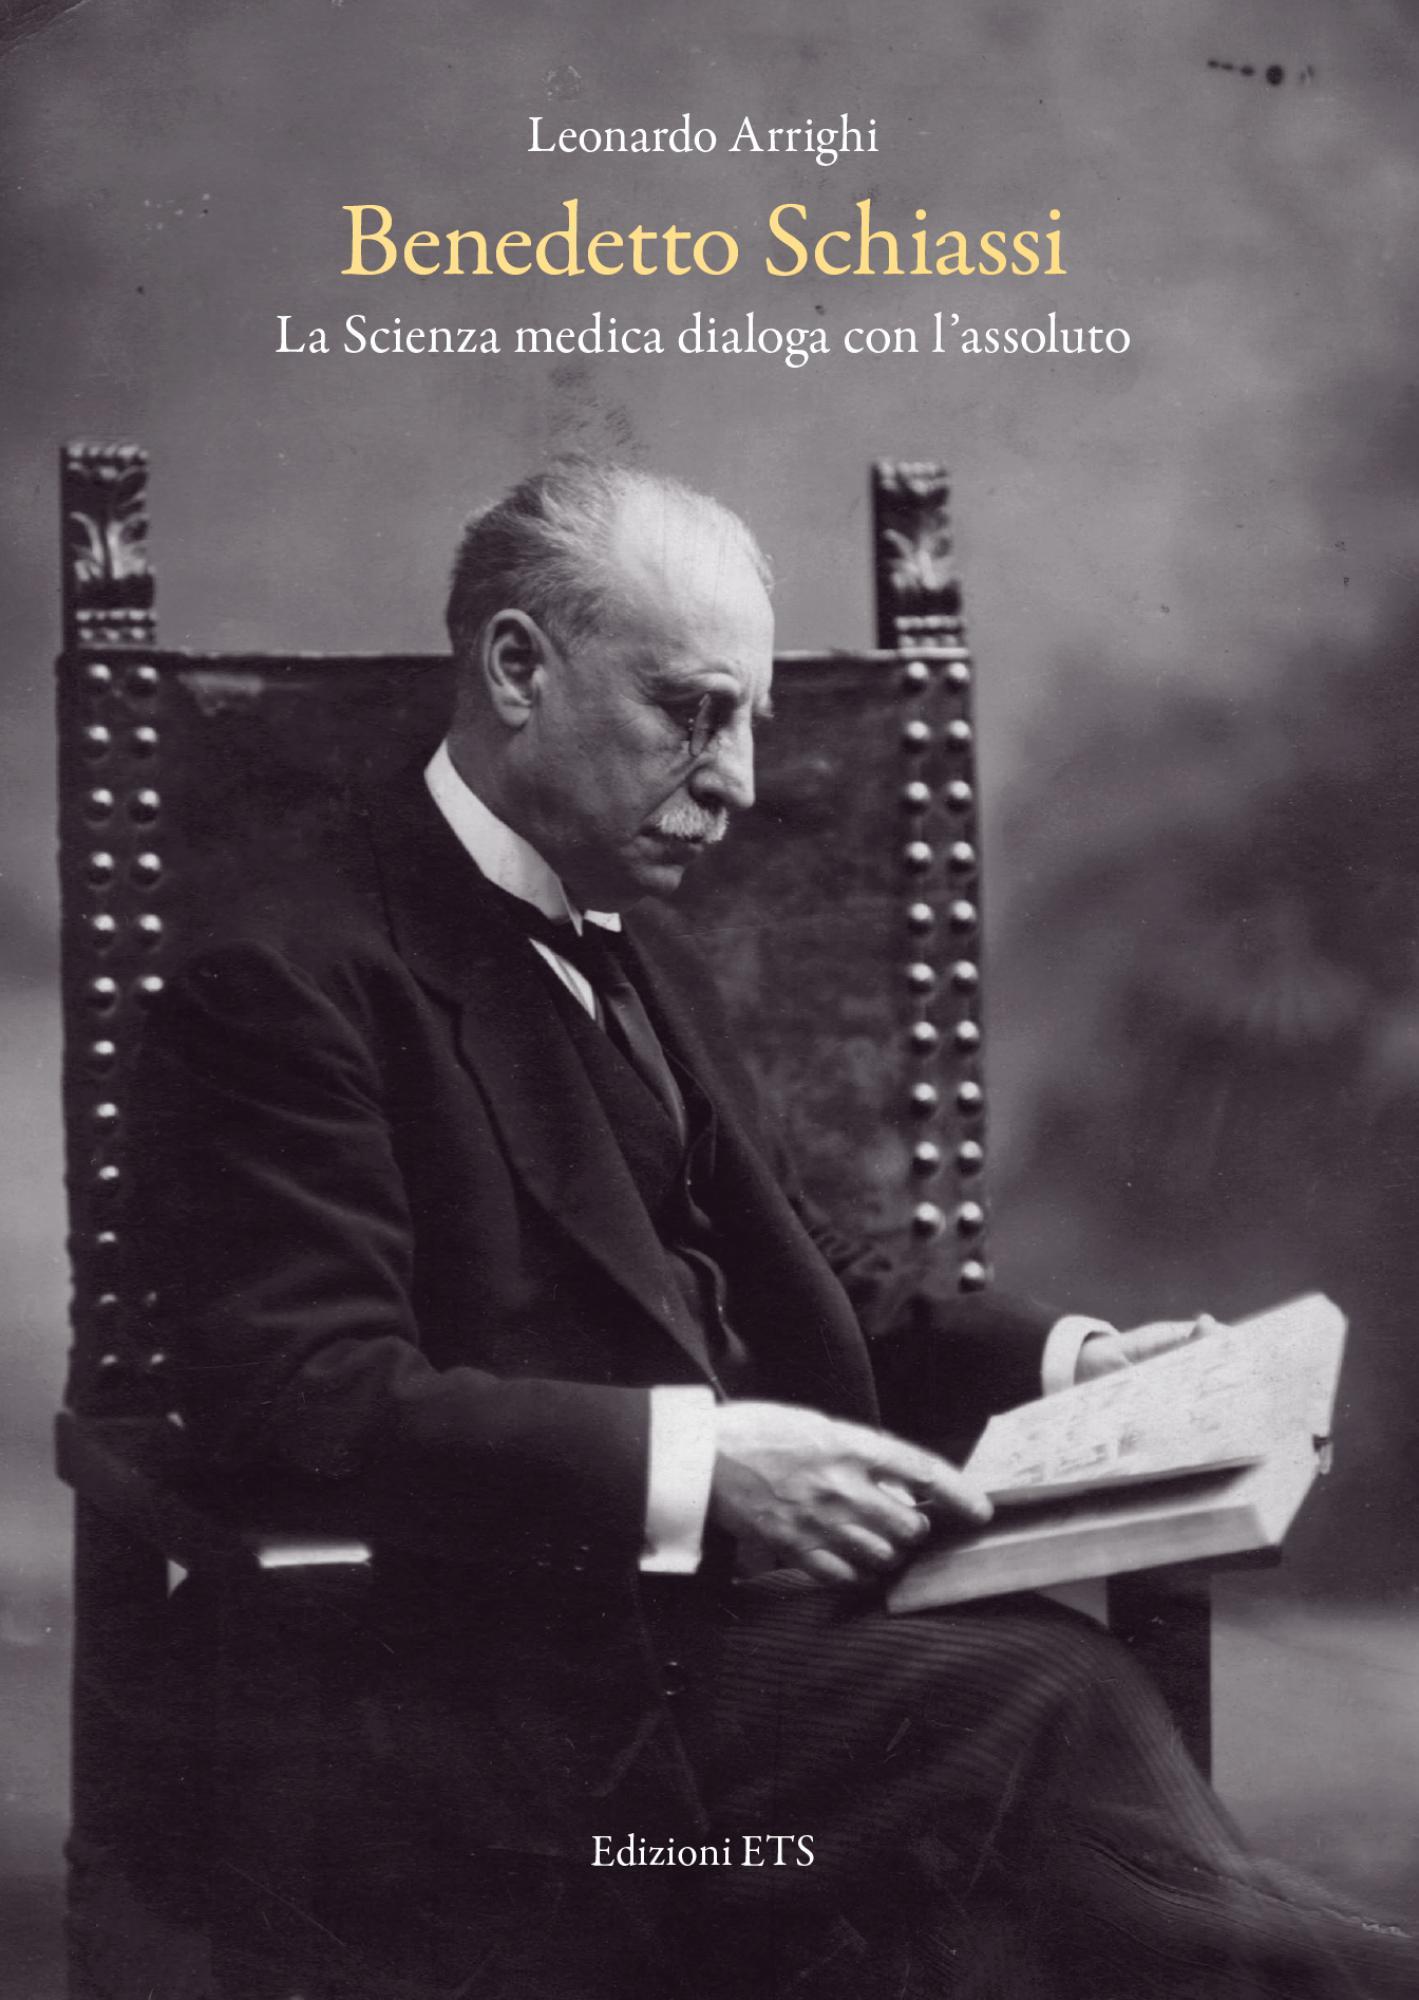 Benedetto Schiassi.La Scienza medica dialoga con l'assoluto